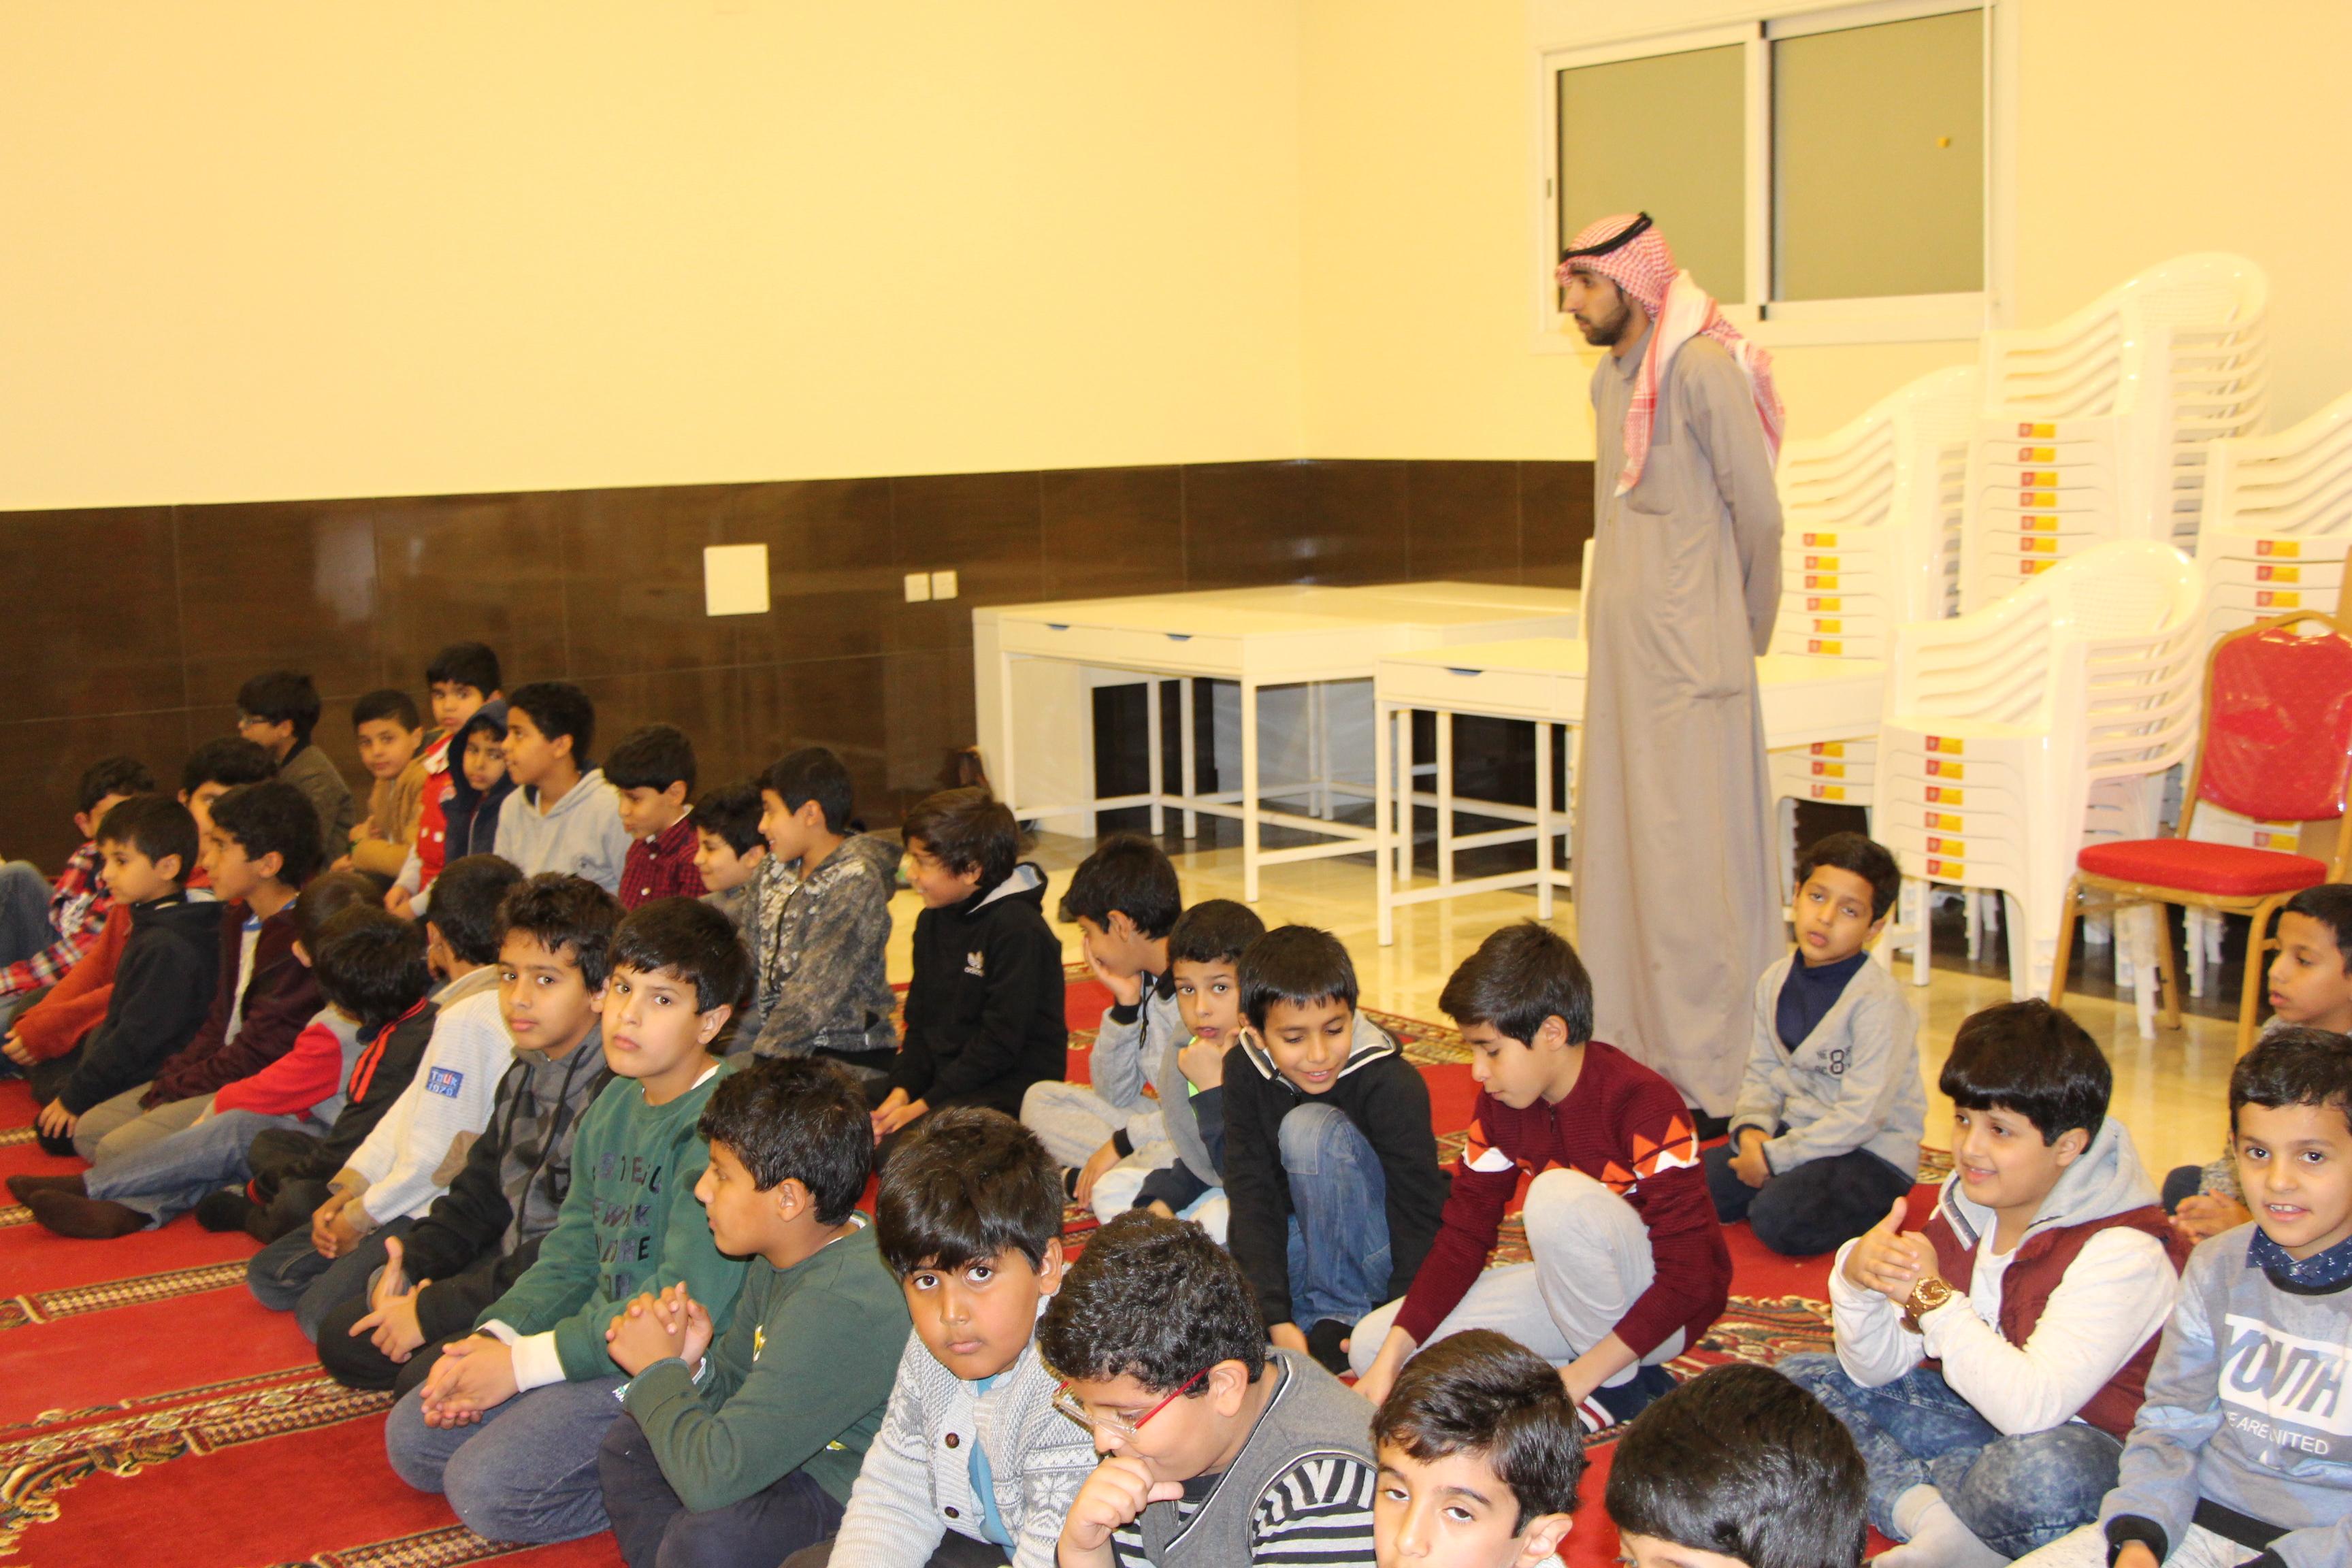 برنامج براعم القرآن الخامس الذي تقيمه جمعية التحفيظ بالرس لطلاب المرحلة الابتدائية ويقام بدار الشيخ صالح محمد العوفي